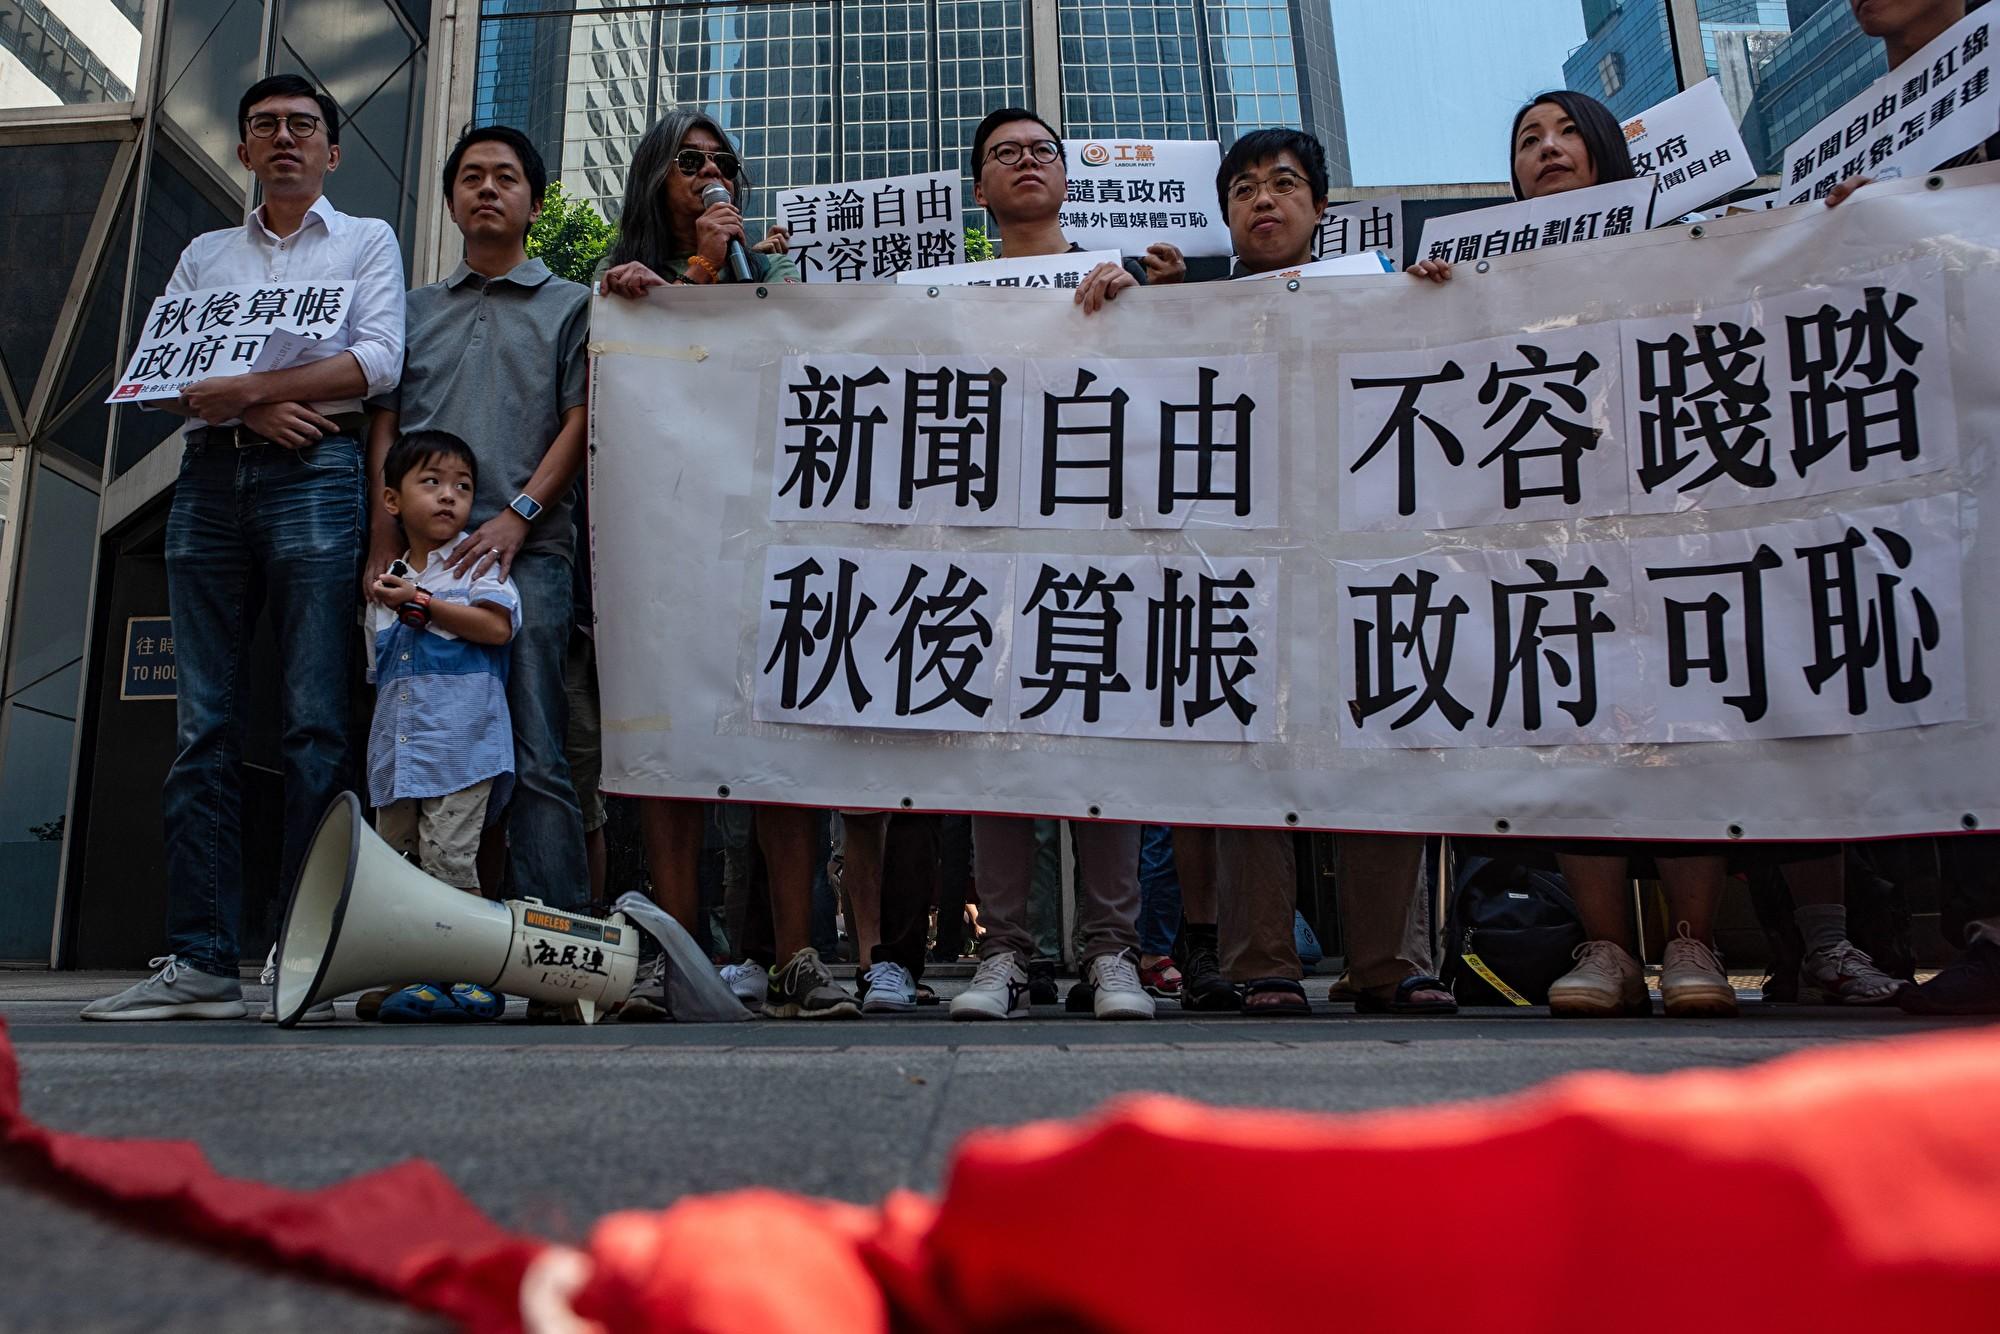 華爾街日報記者被中共拒發簽證後遭驅逐